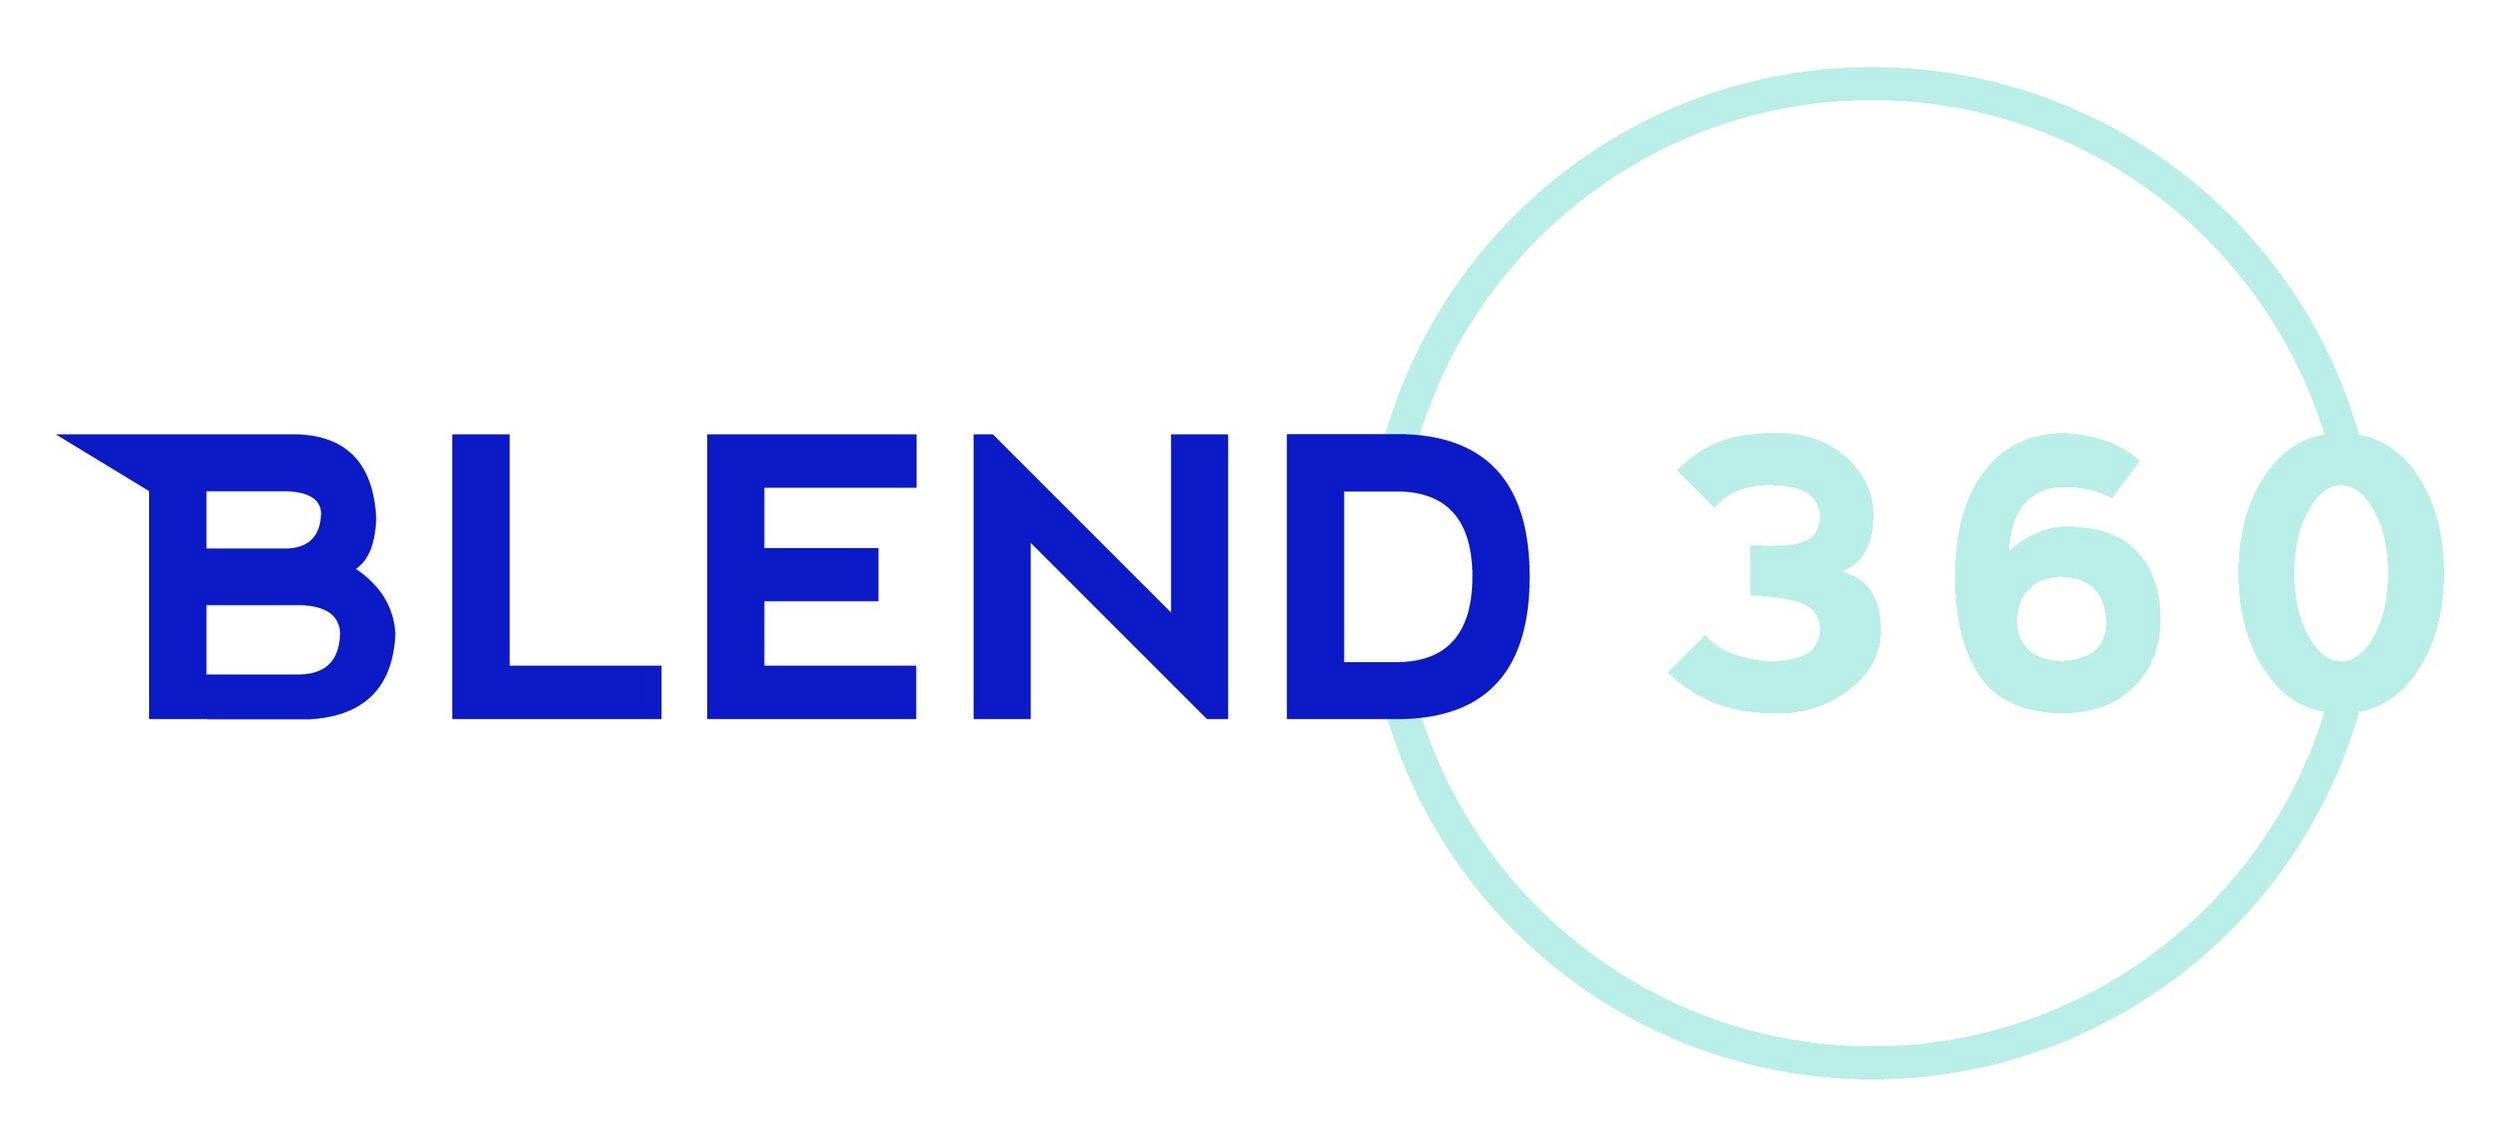 blend logo.jpg